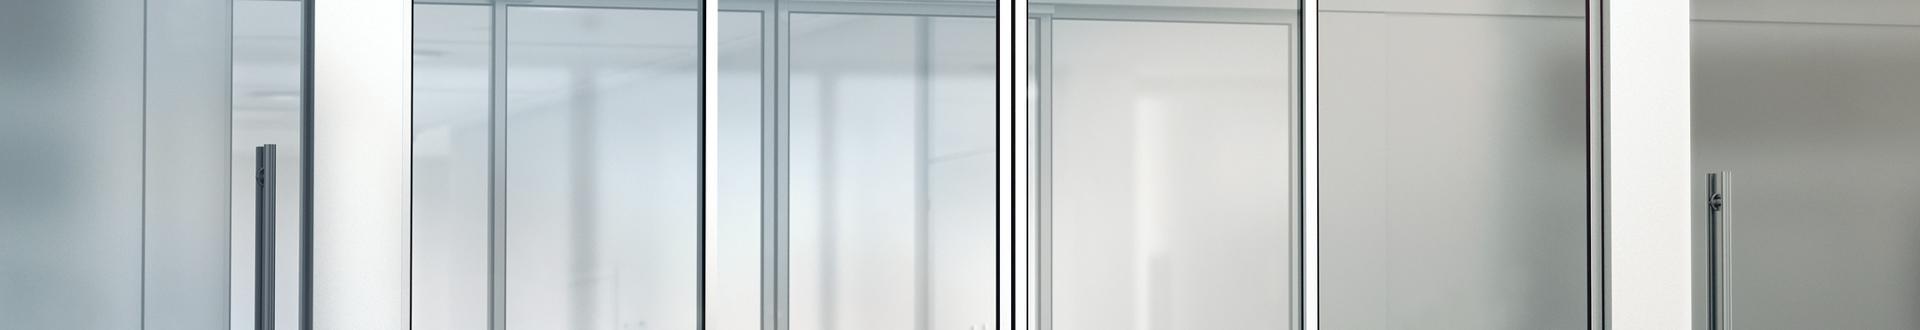 Szklane okna